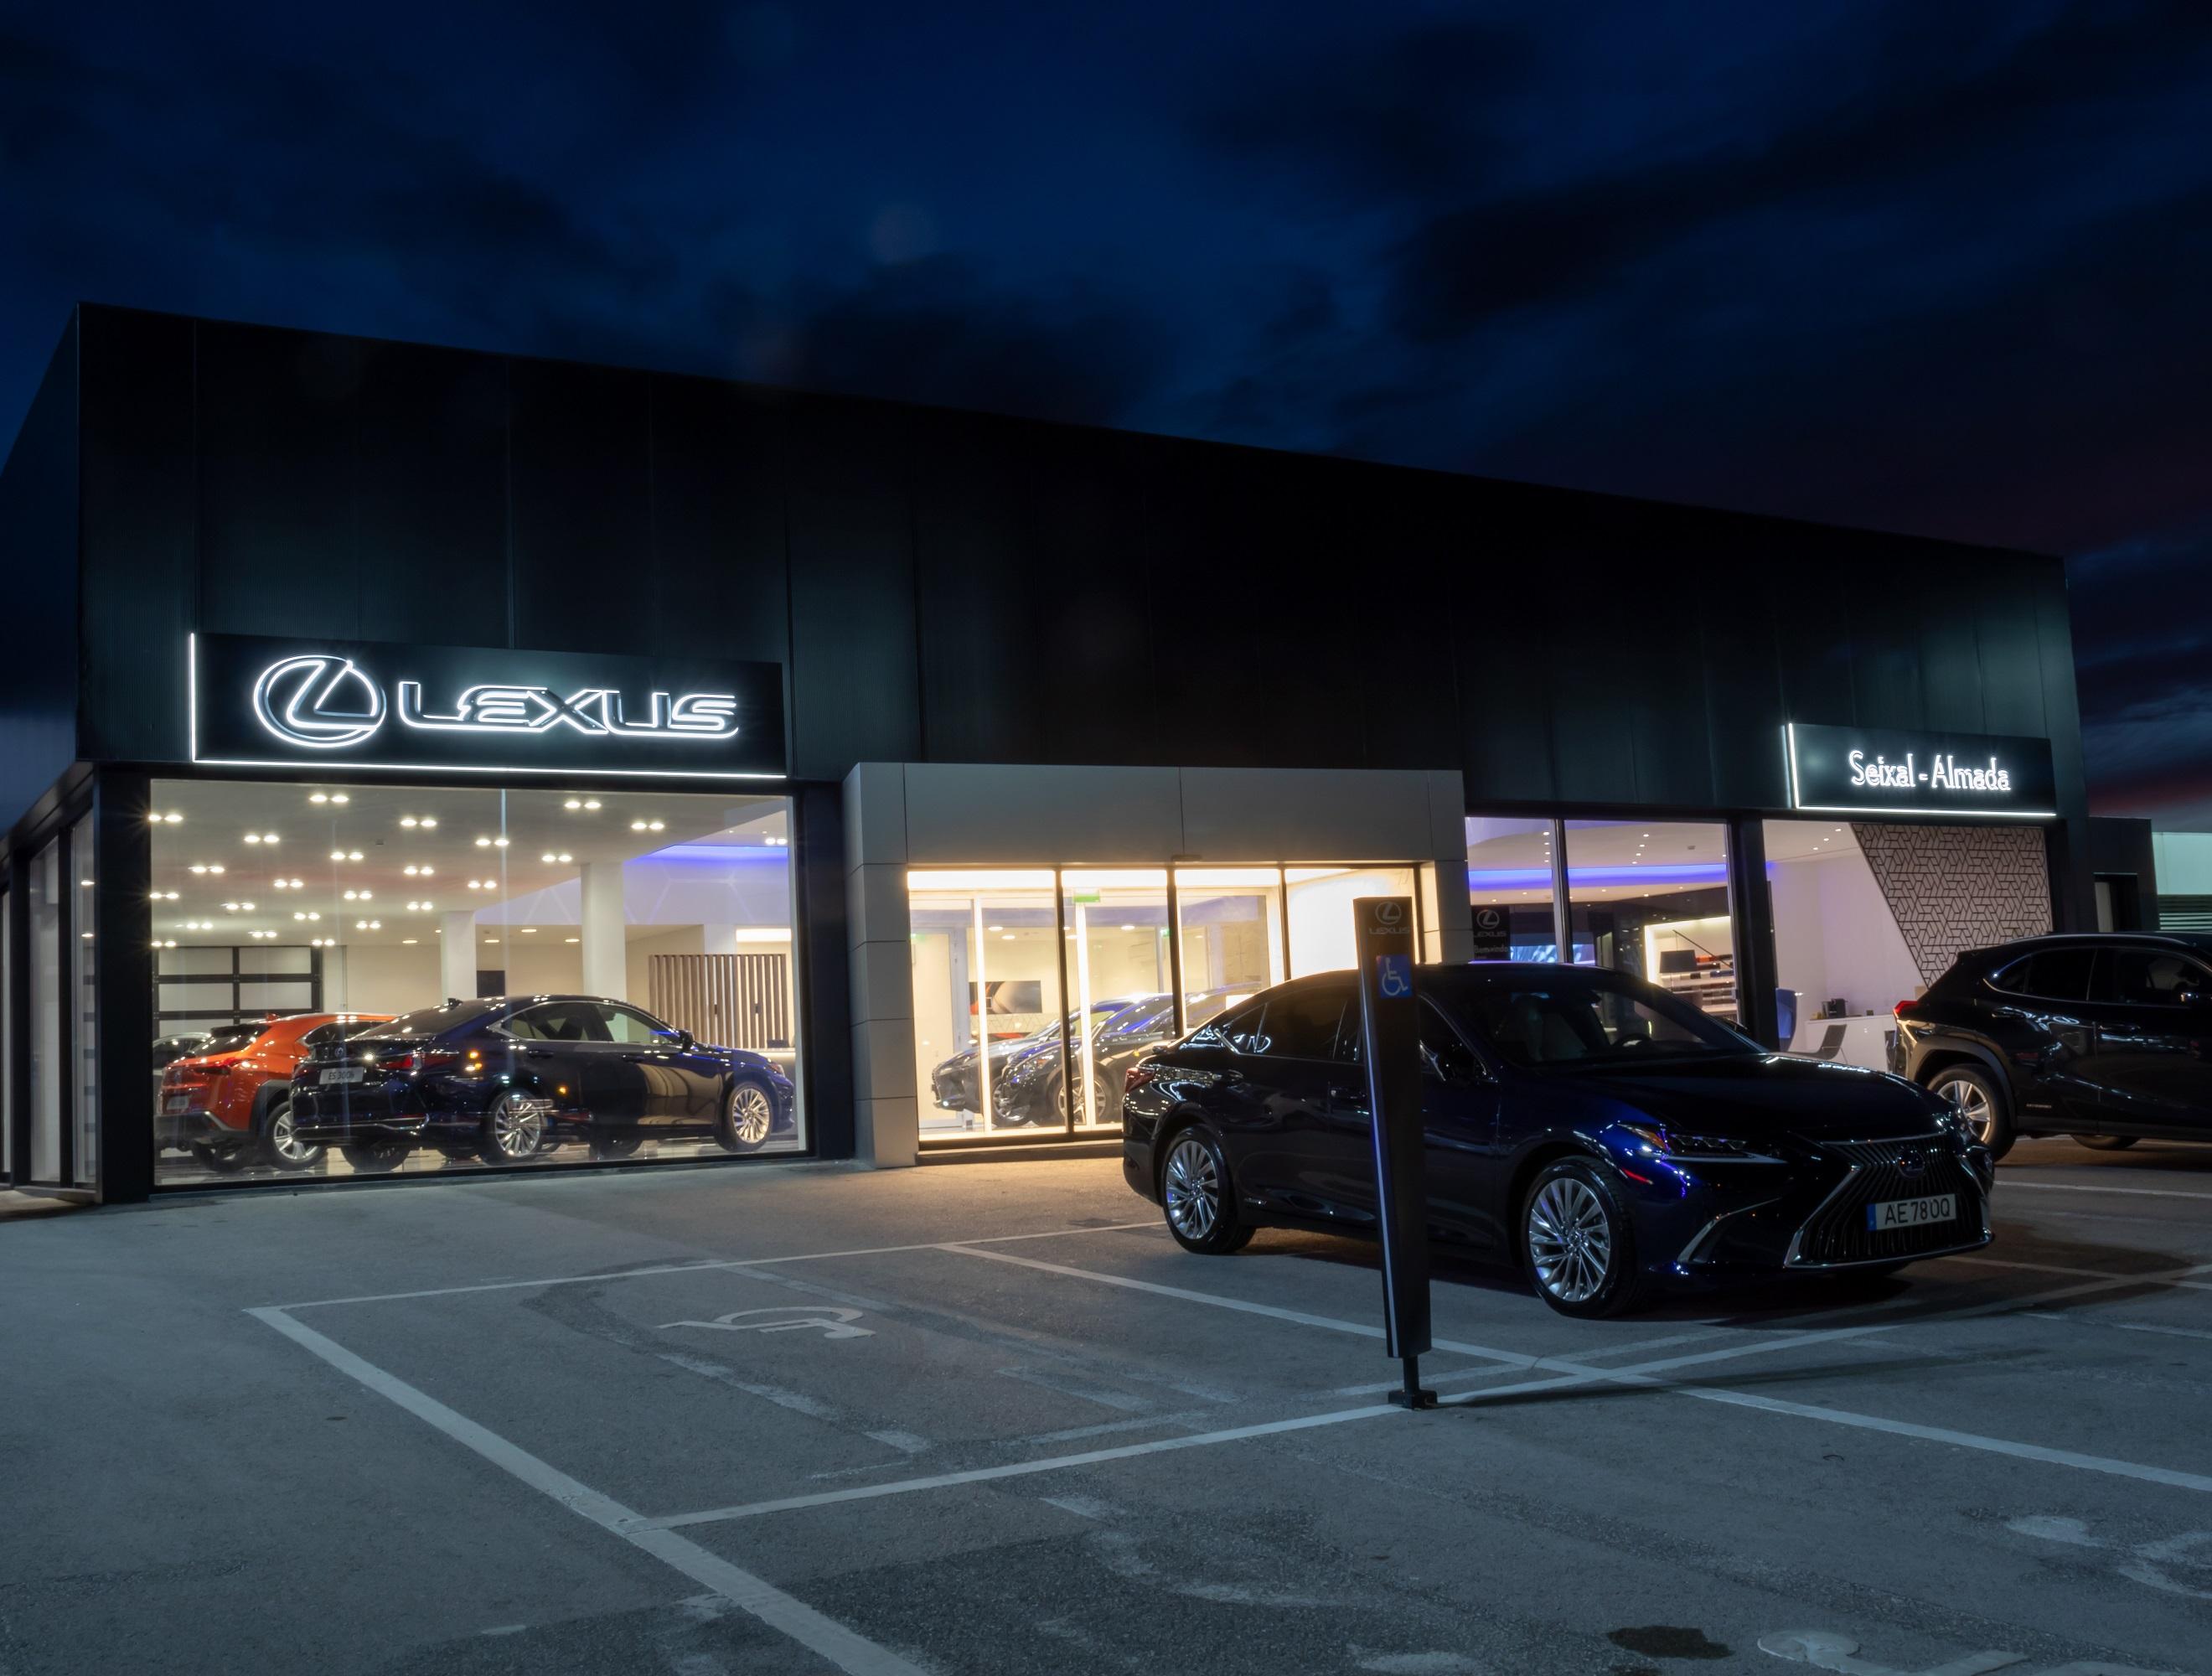 Lexus comeca novo ano com expansao de rede Image